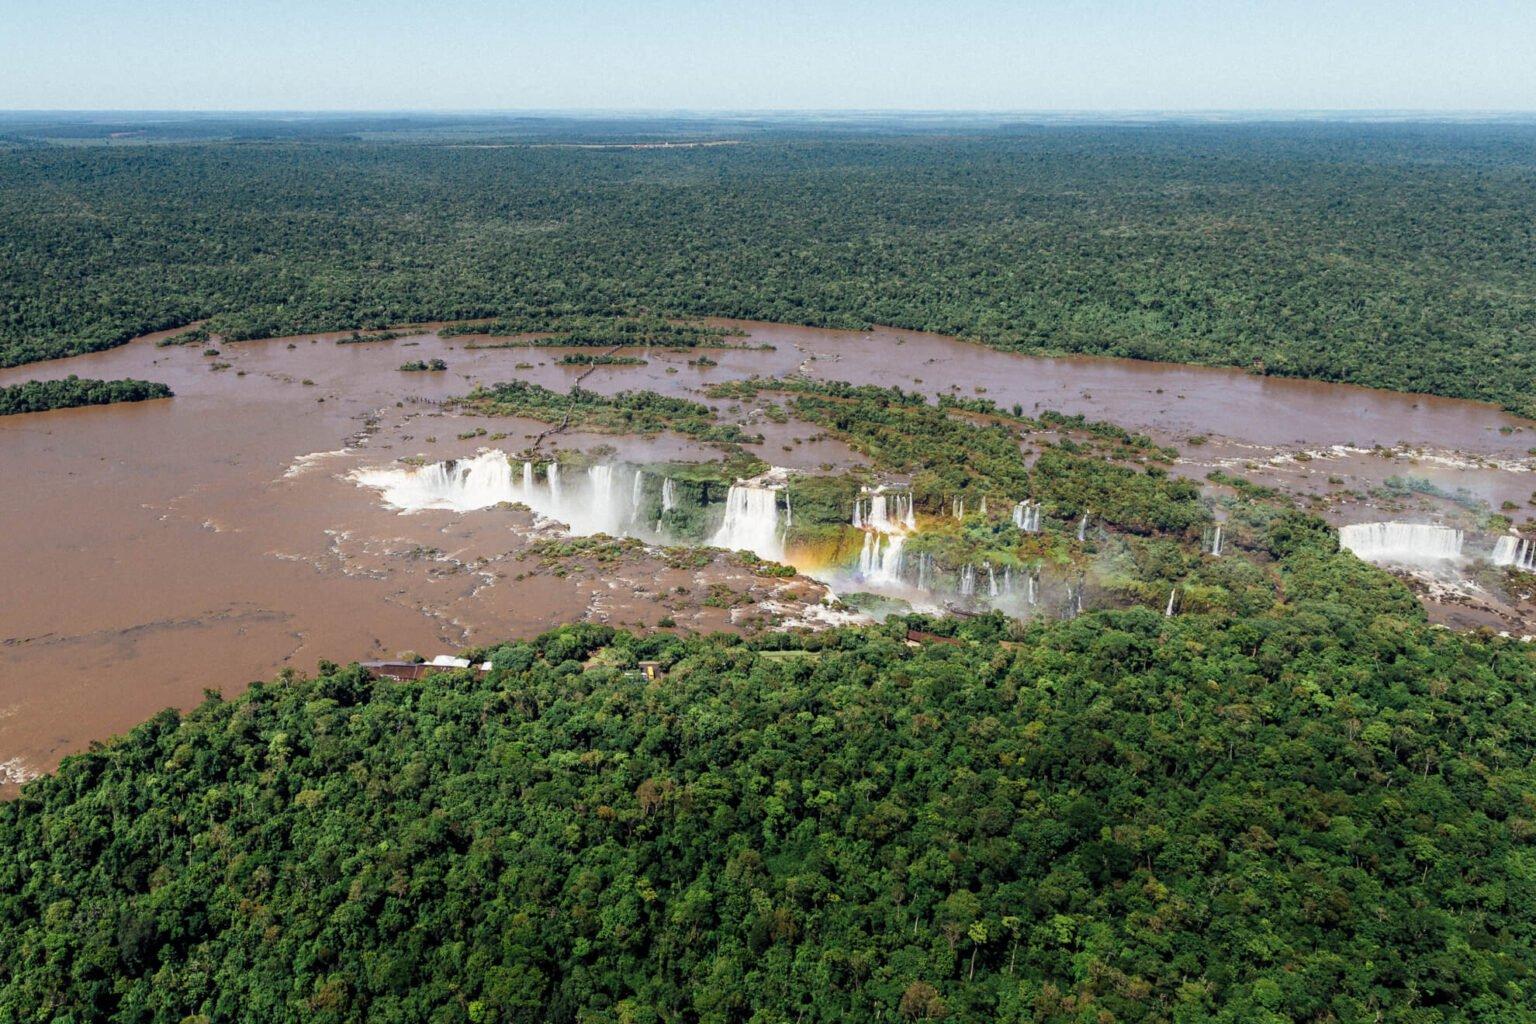 Arco-íris se formando na queda das Cataratas do Iguaçu | Passeio de helicóptero em Foz do Iguaçu